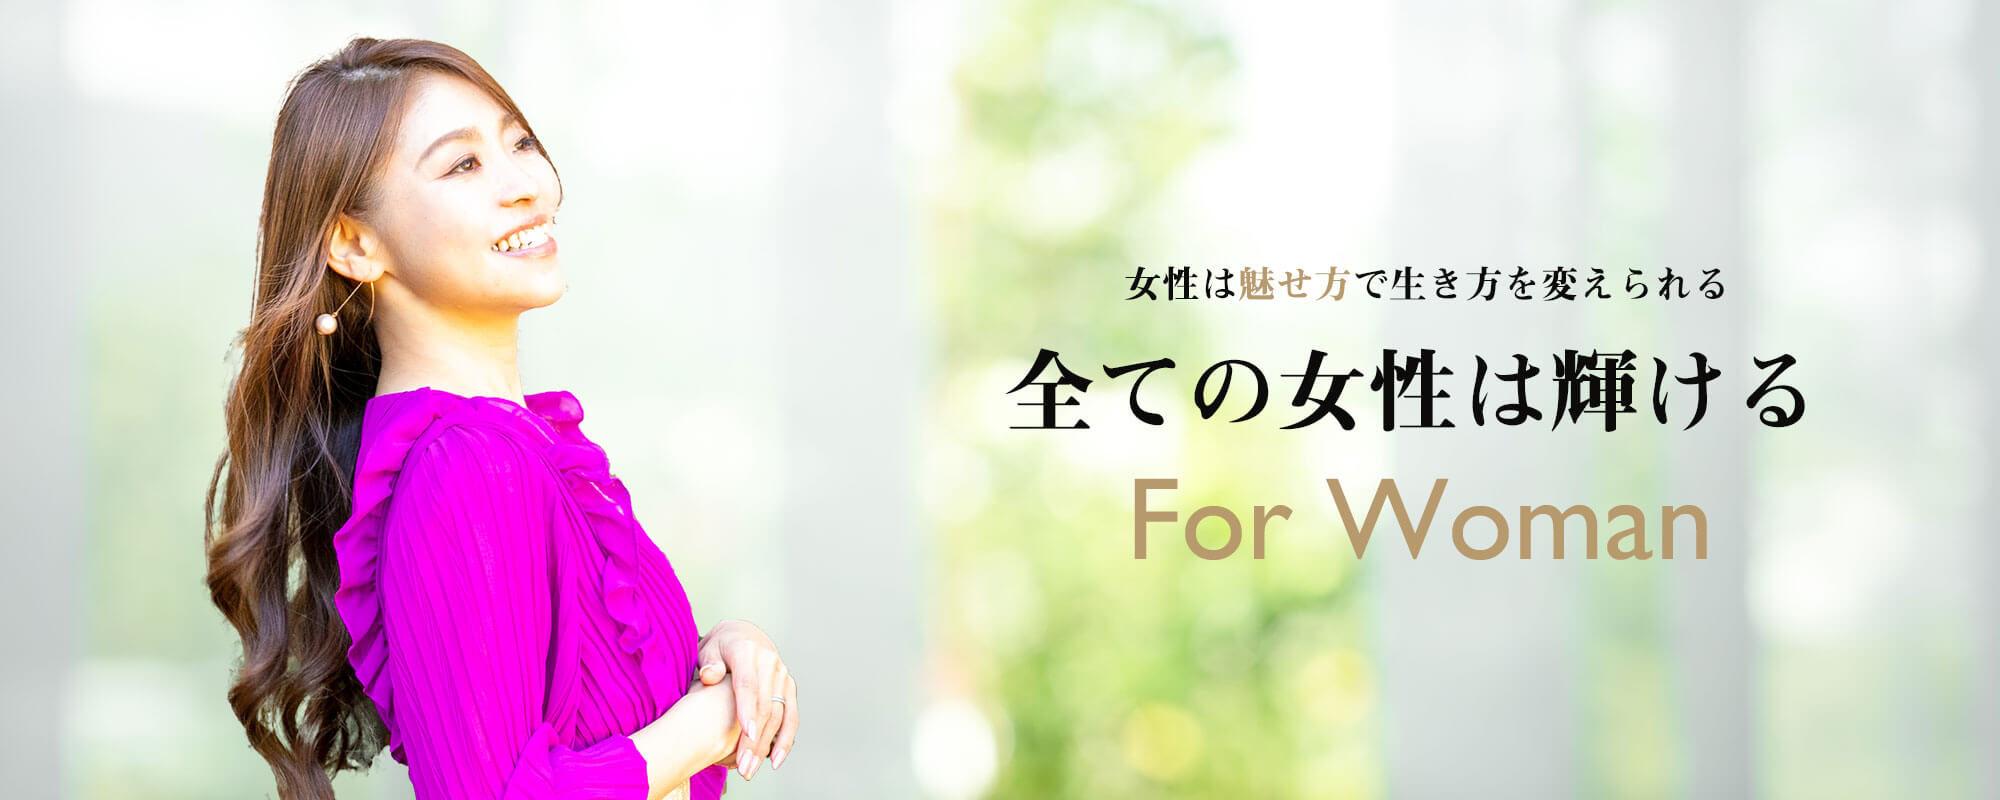 本多美香~Instagramセミナー講師@福島&魅せるプロデューサー~